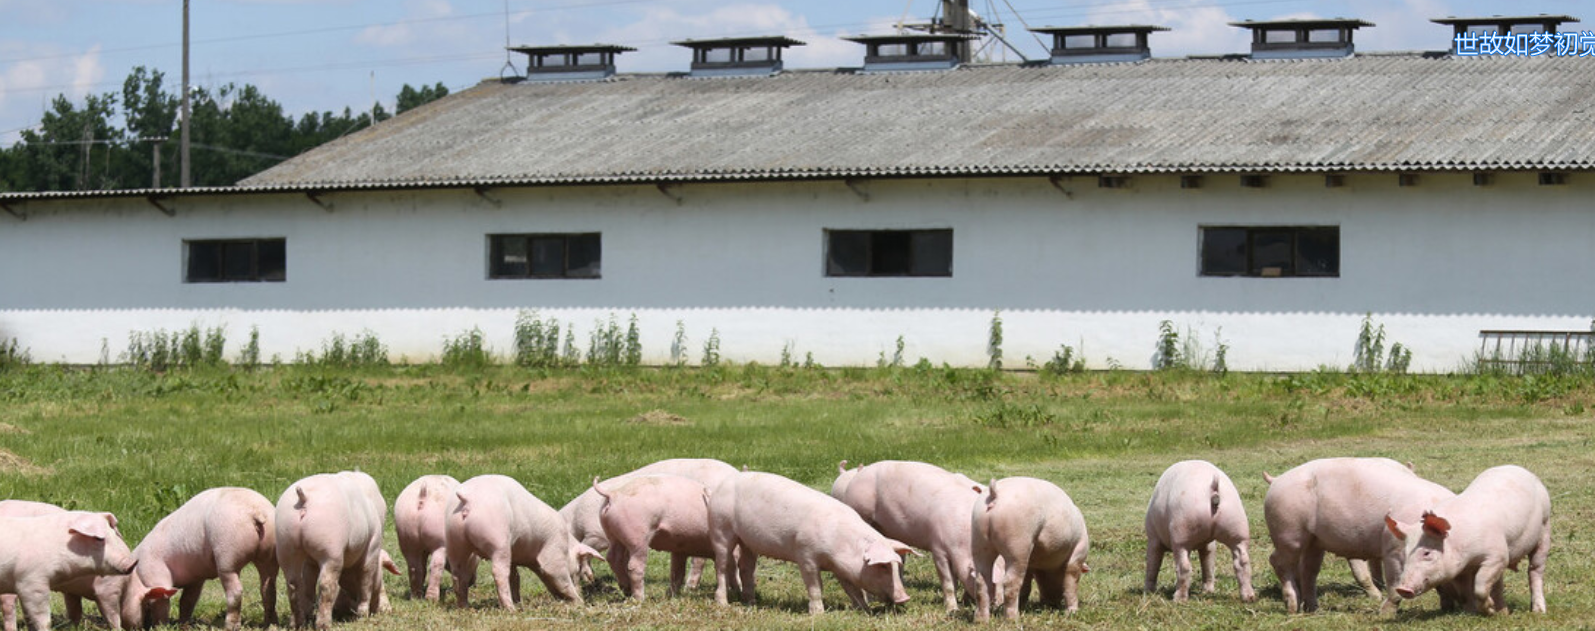 农产品产业链日报:美豆继续回调 呈现技术面弱势走势